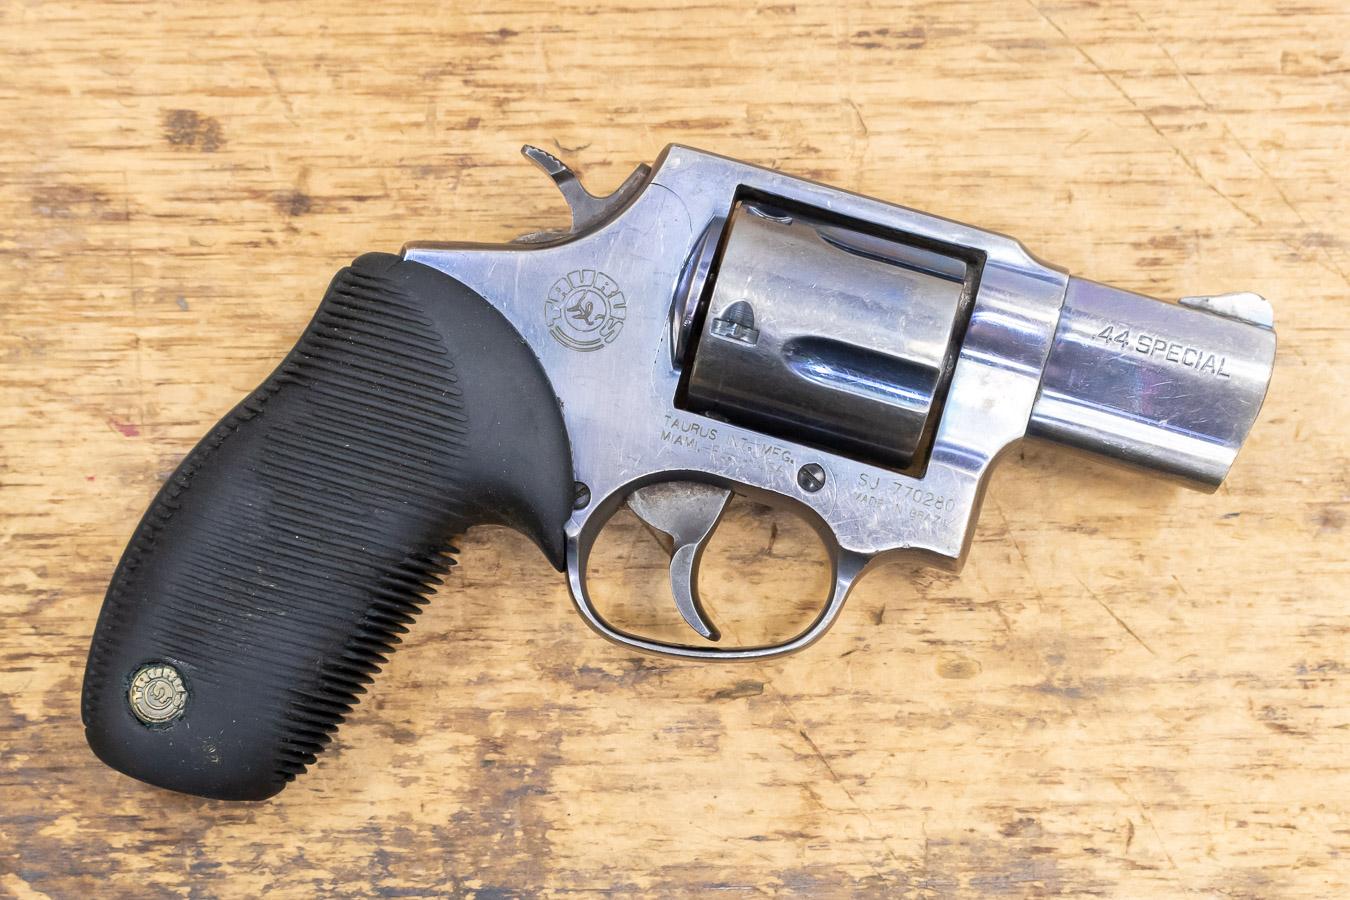 445 Titanium 44 Special Used Trade-in Revolver